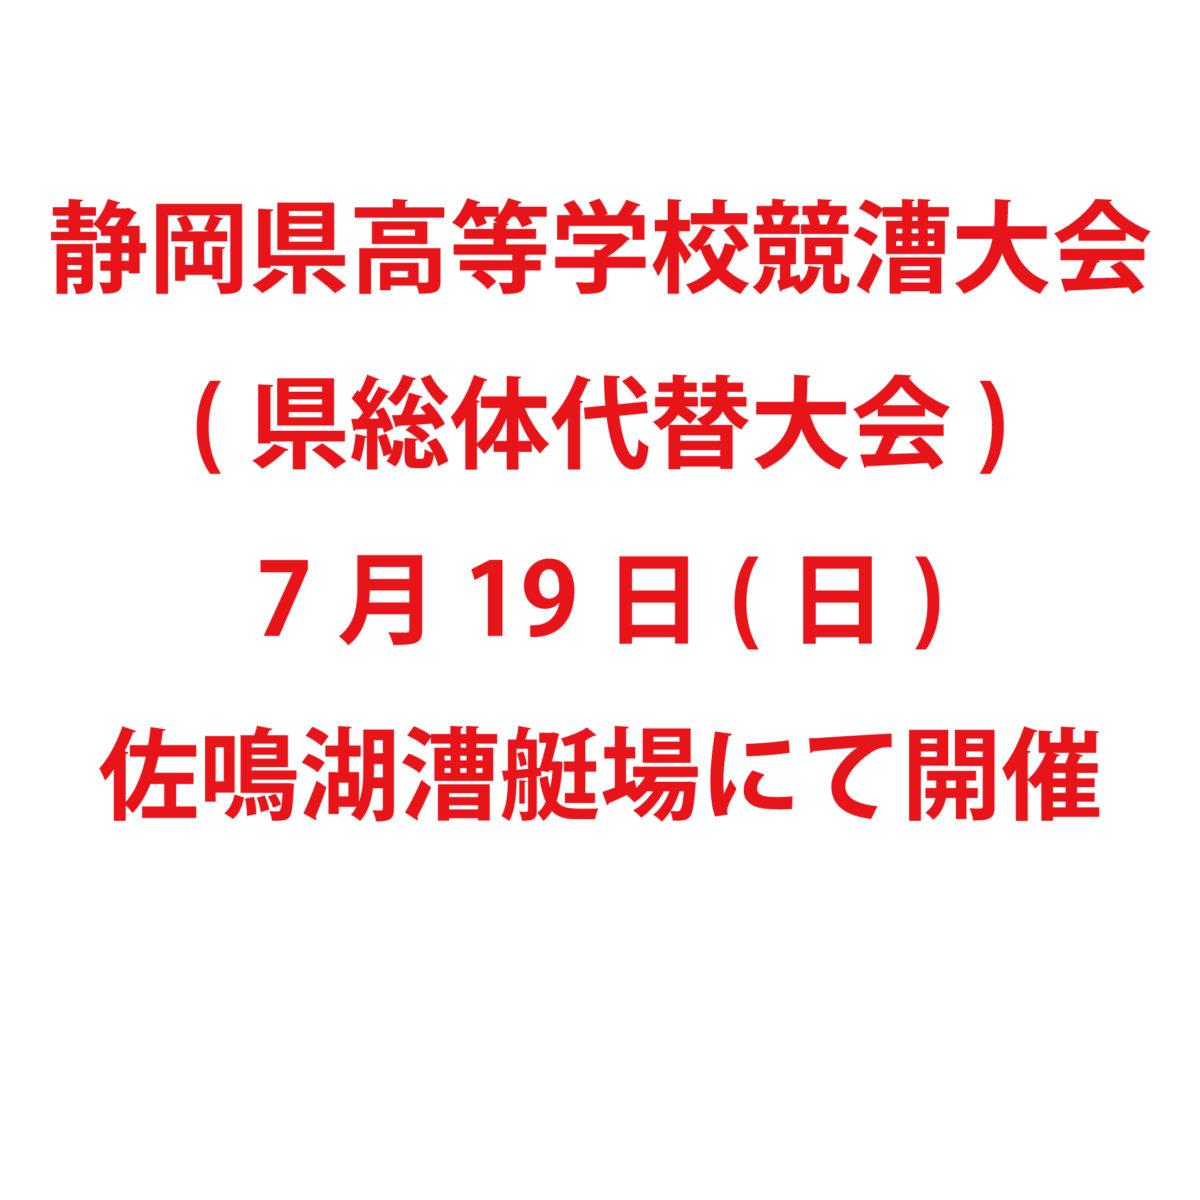 静岡県高等学校競漕大会開催について。